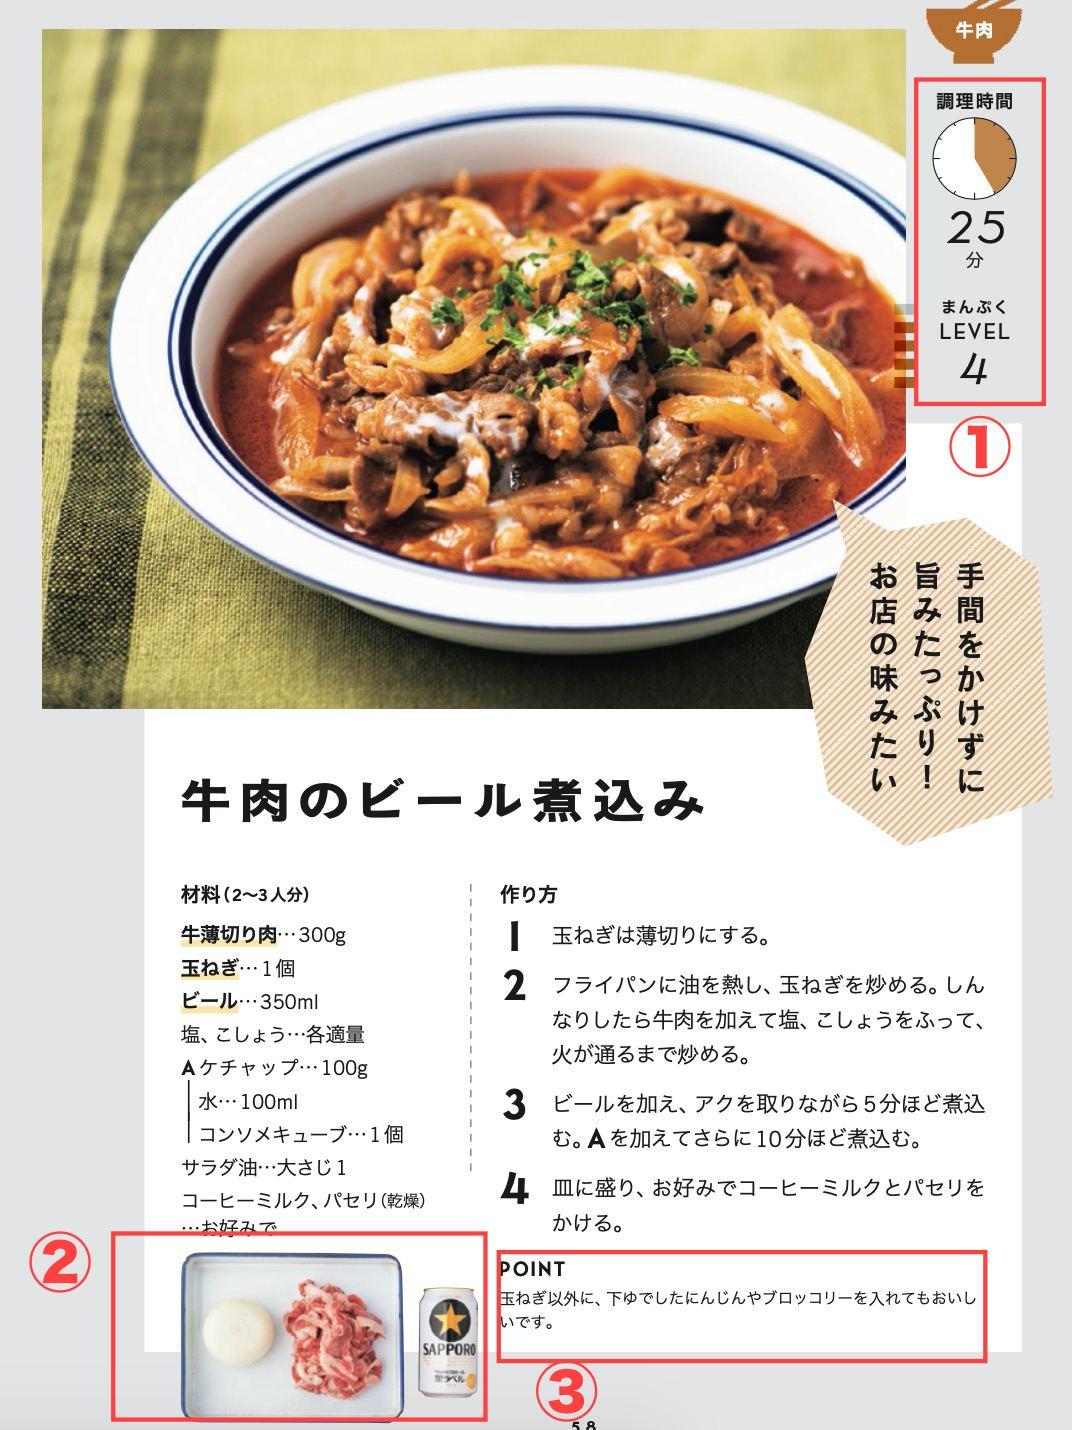 「GOHANのまんぷく飯」レシピ本